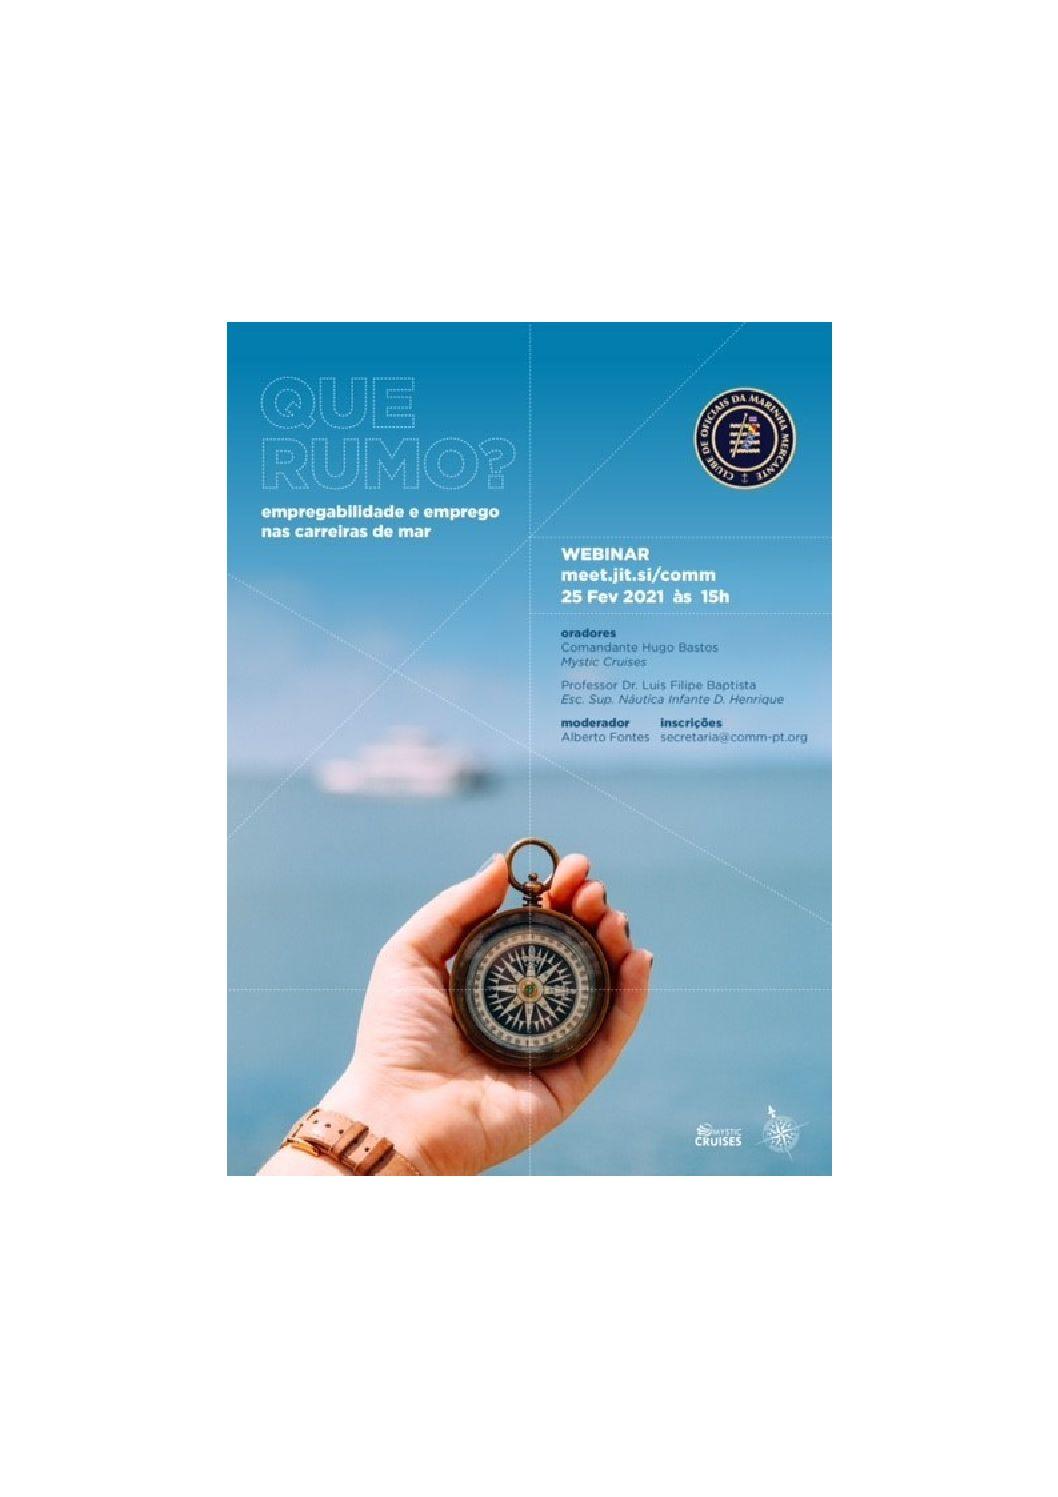 Webinar – Empregabilidade Emprego nas Carreiras do Mar